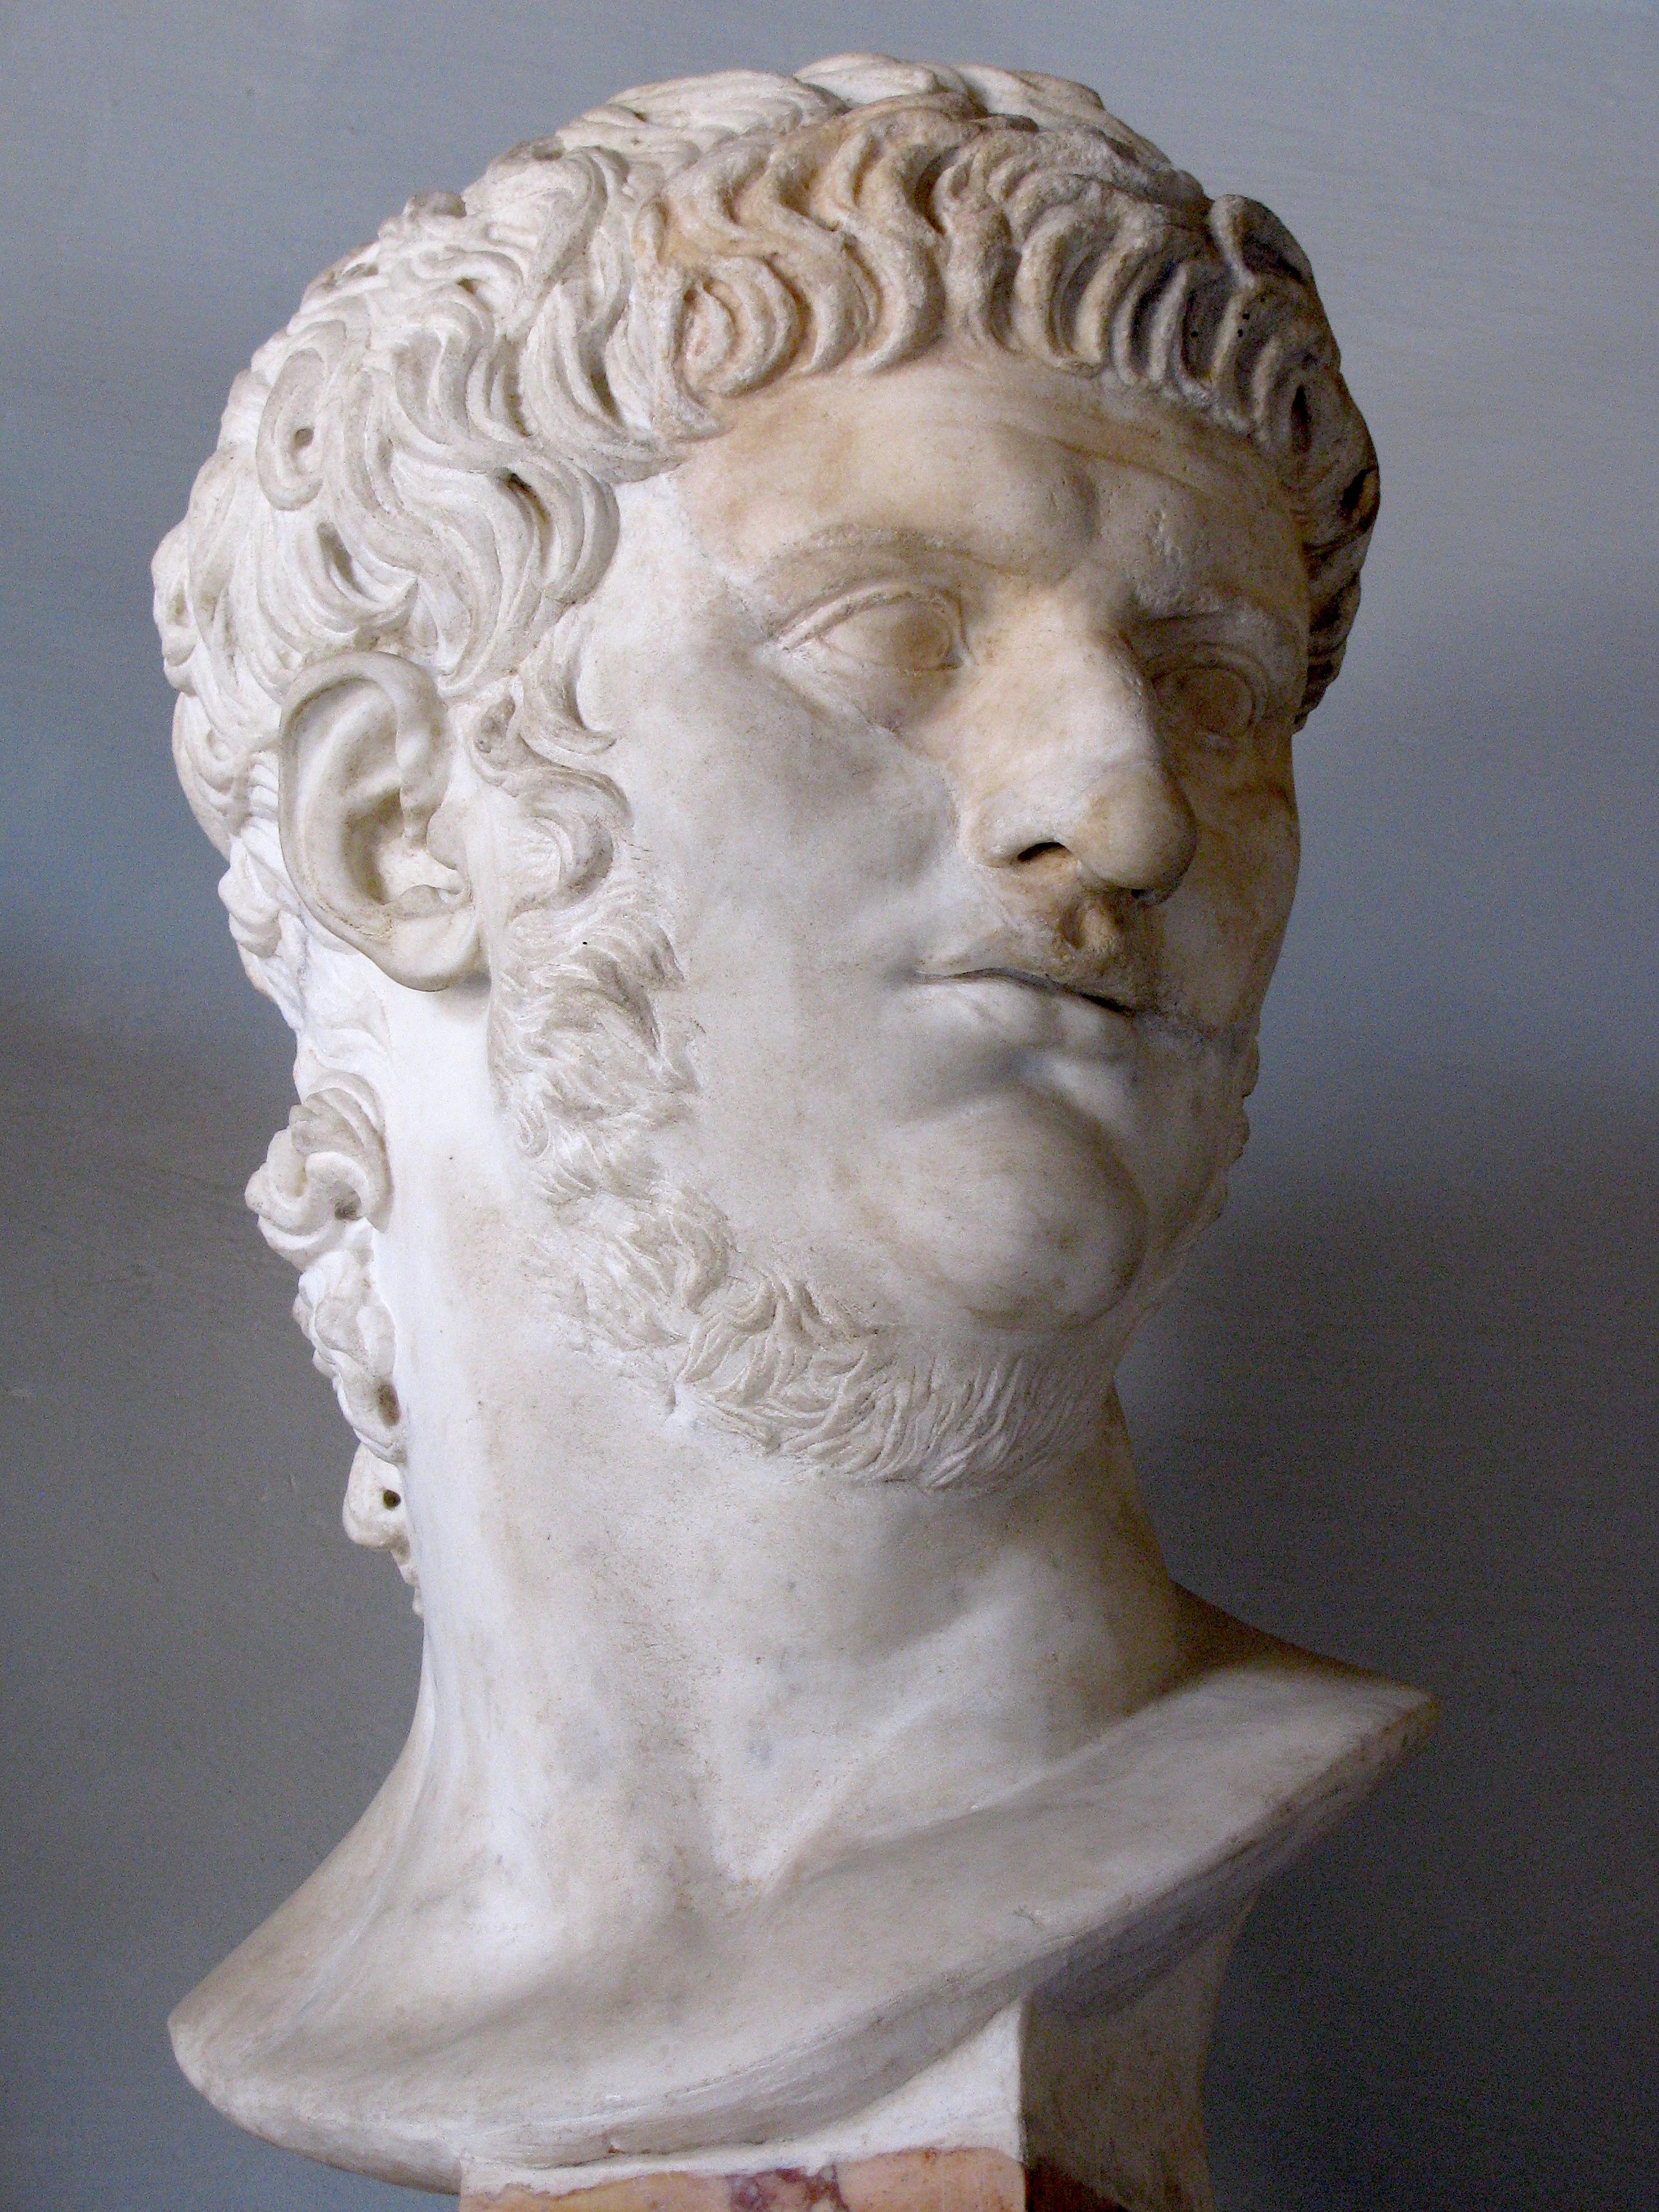 Nero se stal římským císařem v necelých sedmnácti letech. O politiku se zprvu příliš nezajímal.